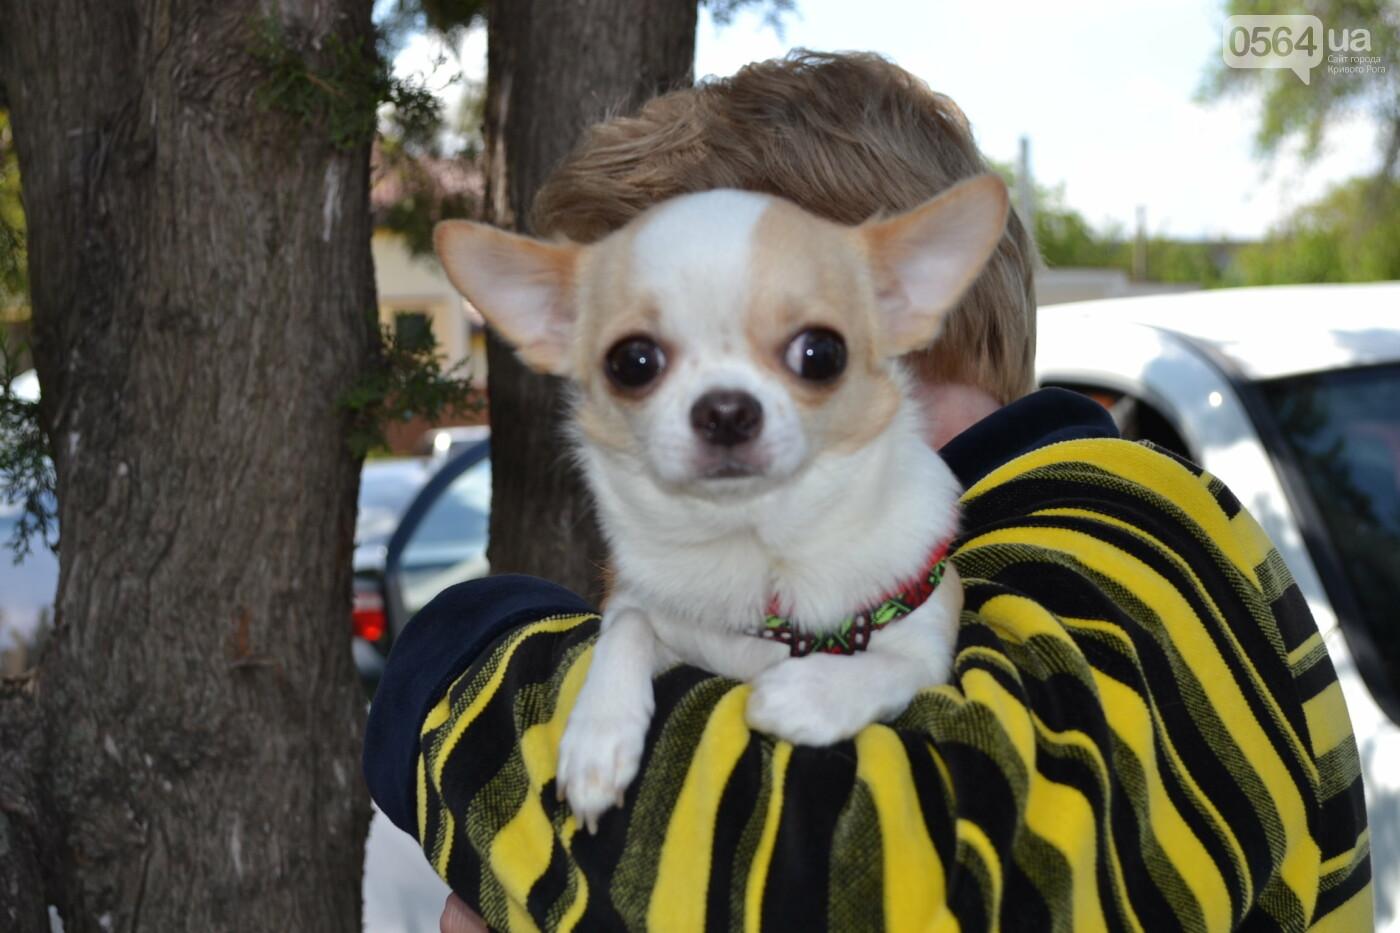 """""""Весна Кривбасса-2019"""": на выставке в Кривом Роге можно увидеть собак более 90 пород, - ФОТО, ВИДЕО, фото-7"""